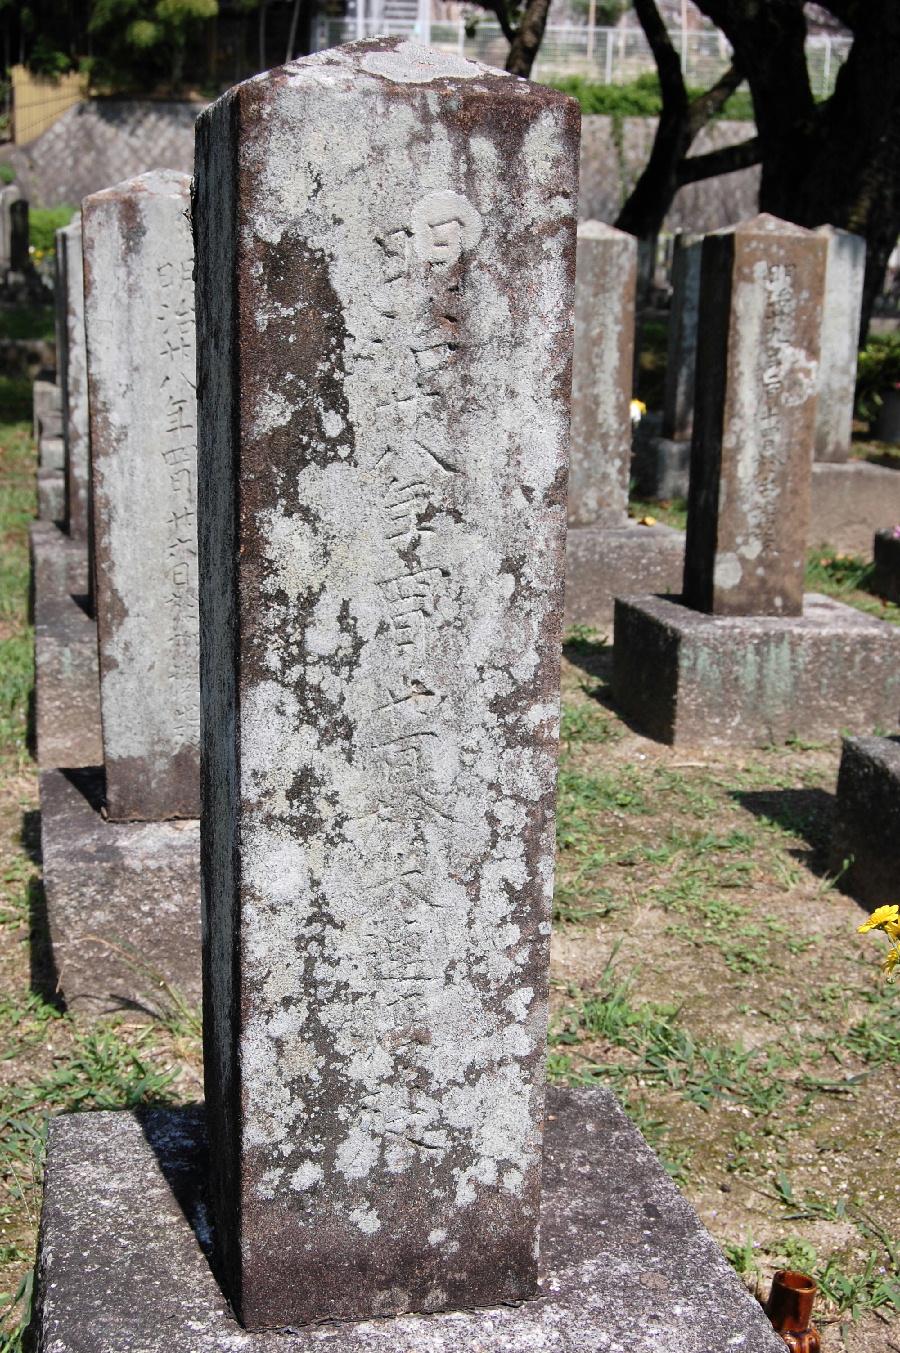 柳樹屯上陸前に(1895年4月21日)大連湾で亡くなった兵士の墓碑